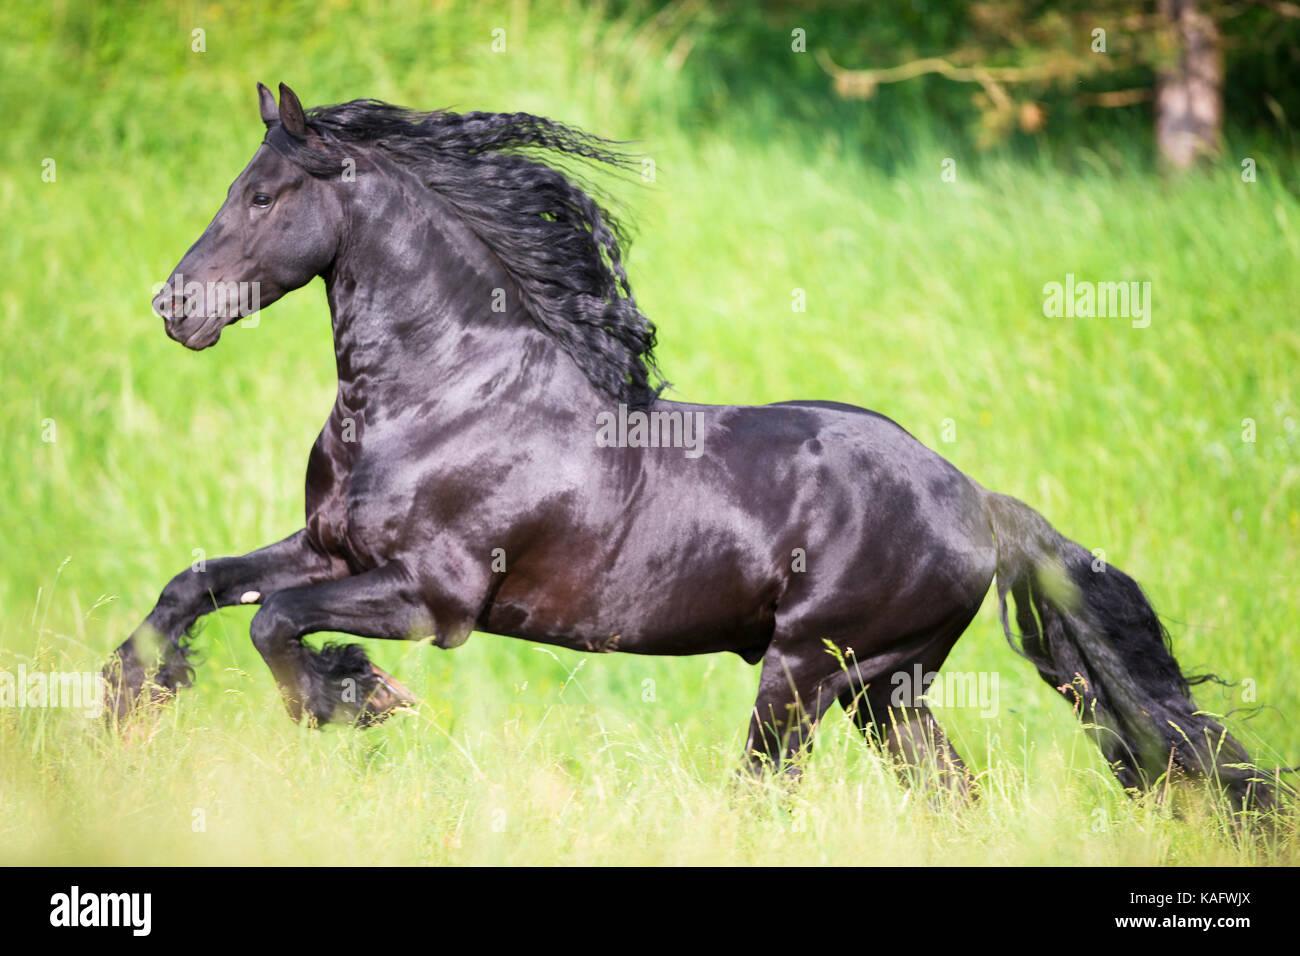 Schwarzes Tier pflügt zierliches Arschloch der reichhaltigen Französin Kimber Delice